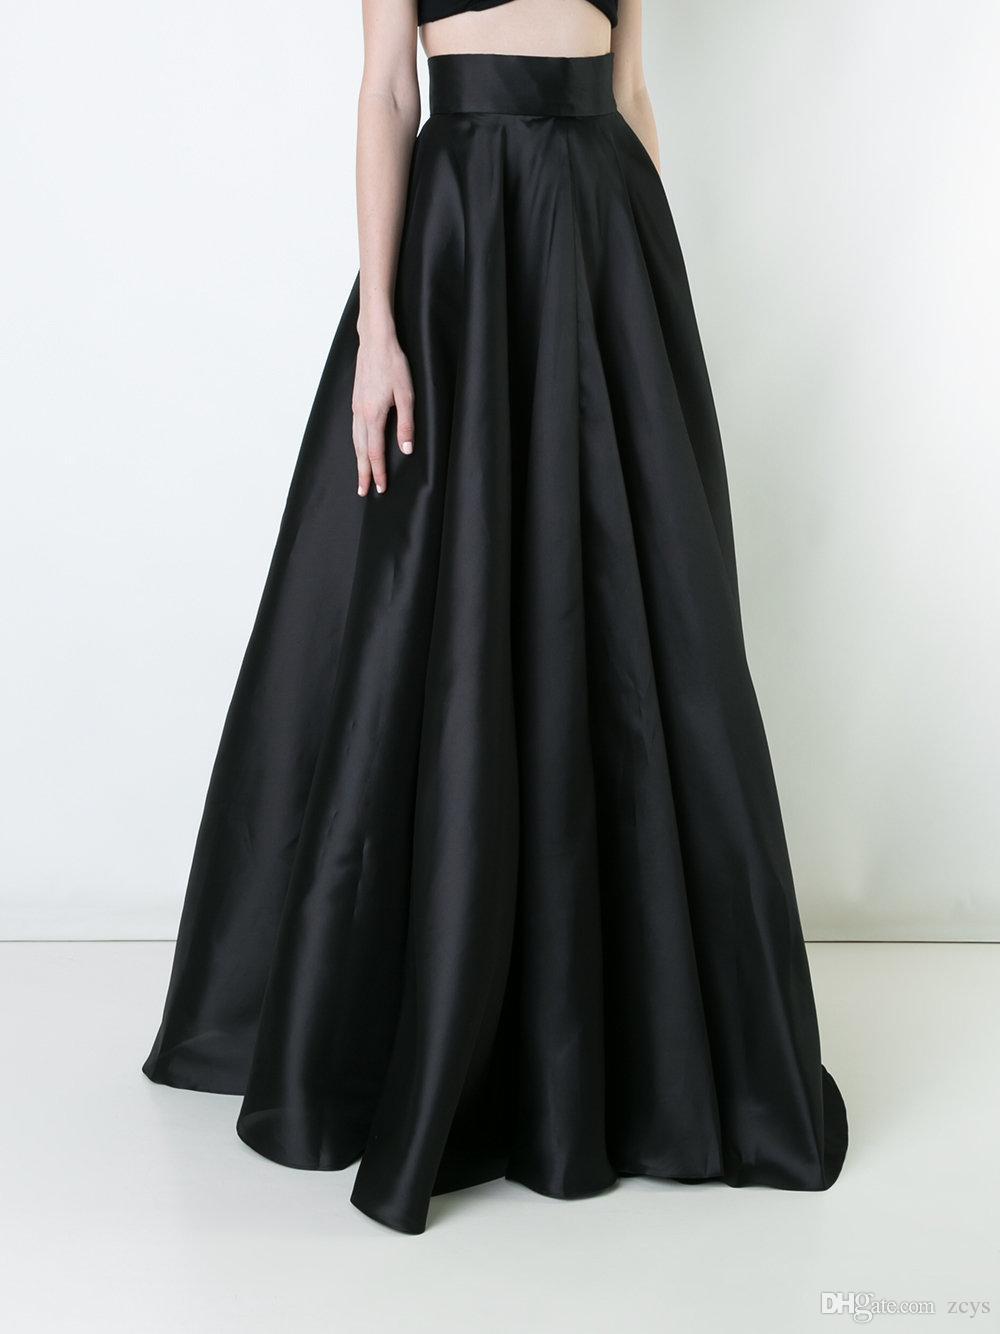 2018 Women Maxi Long Skirt 5XL 4XL Elegant High Waist ...